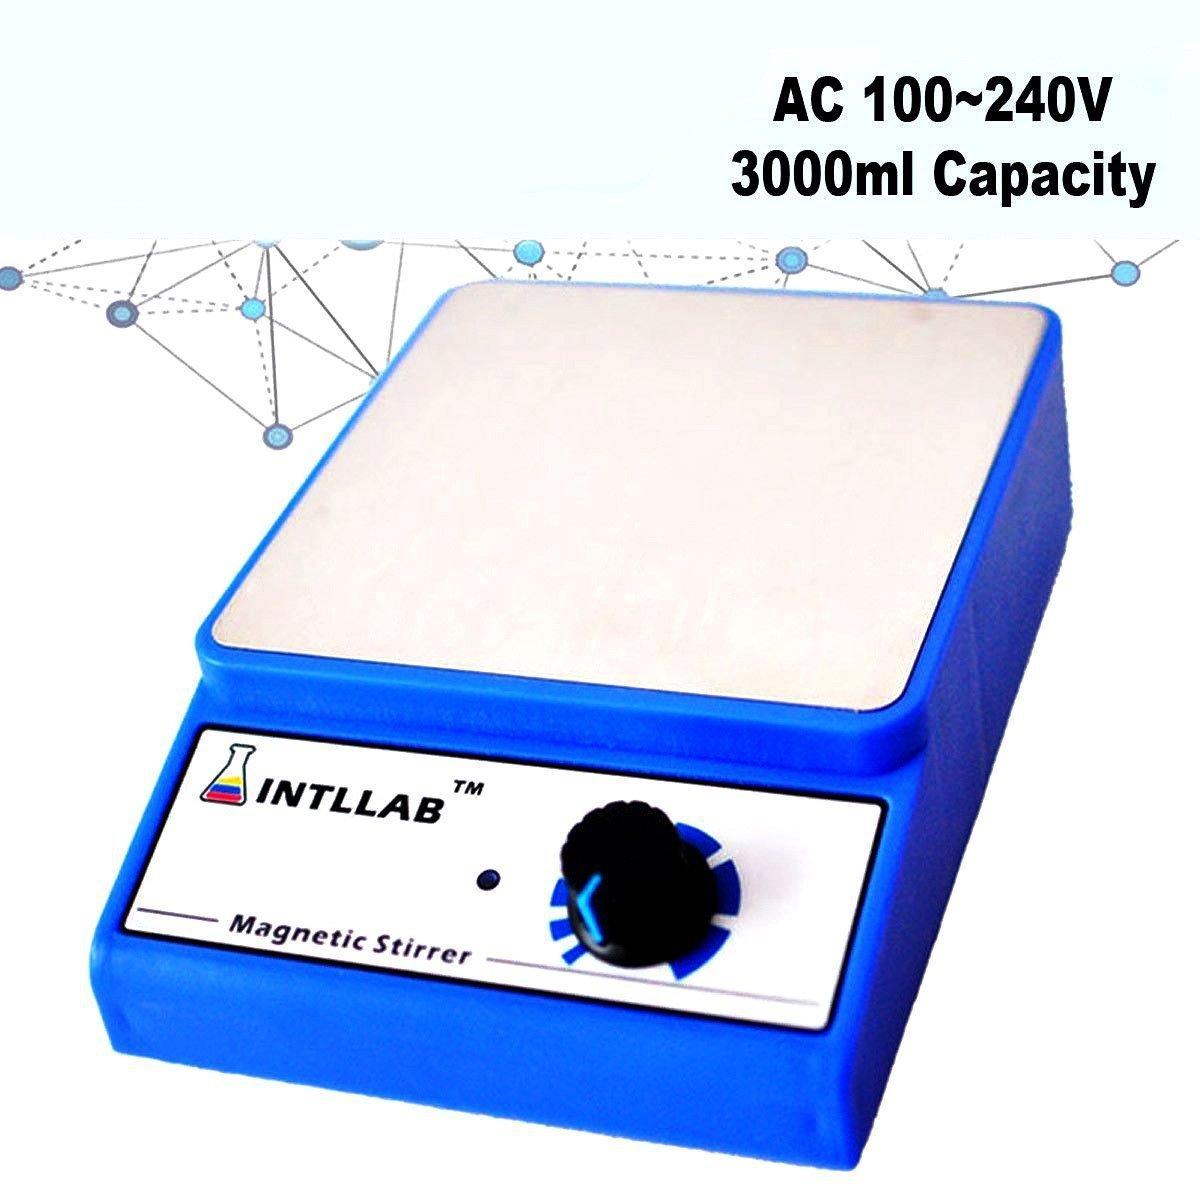 3000ml AC 100-240V Laboratory Tool Magnetic Stirrer Mixer Home 3000rpm UK/AU/EU